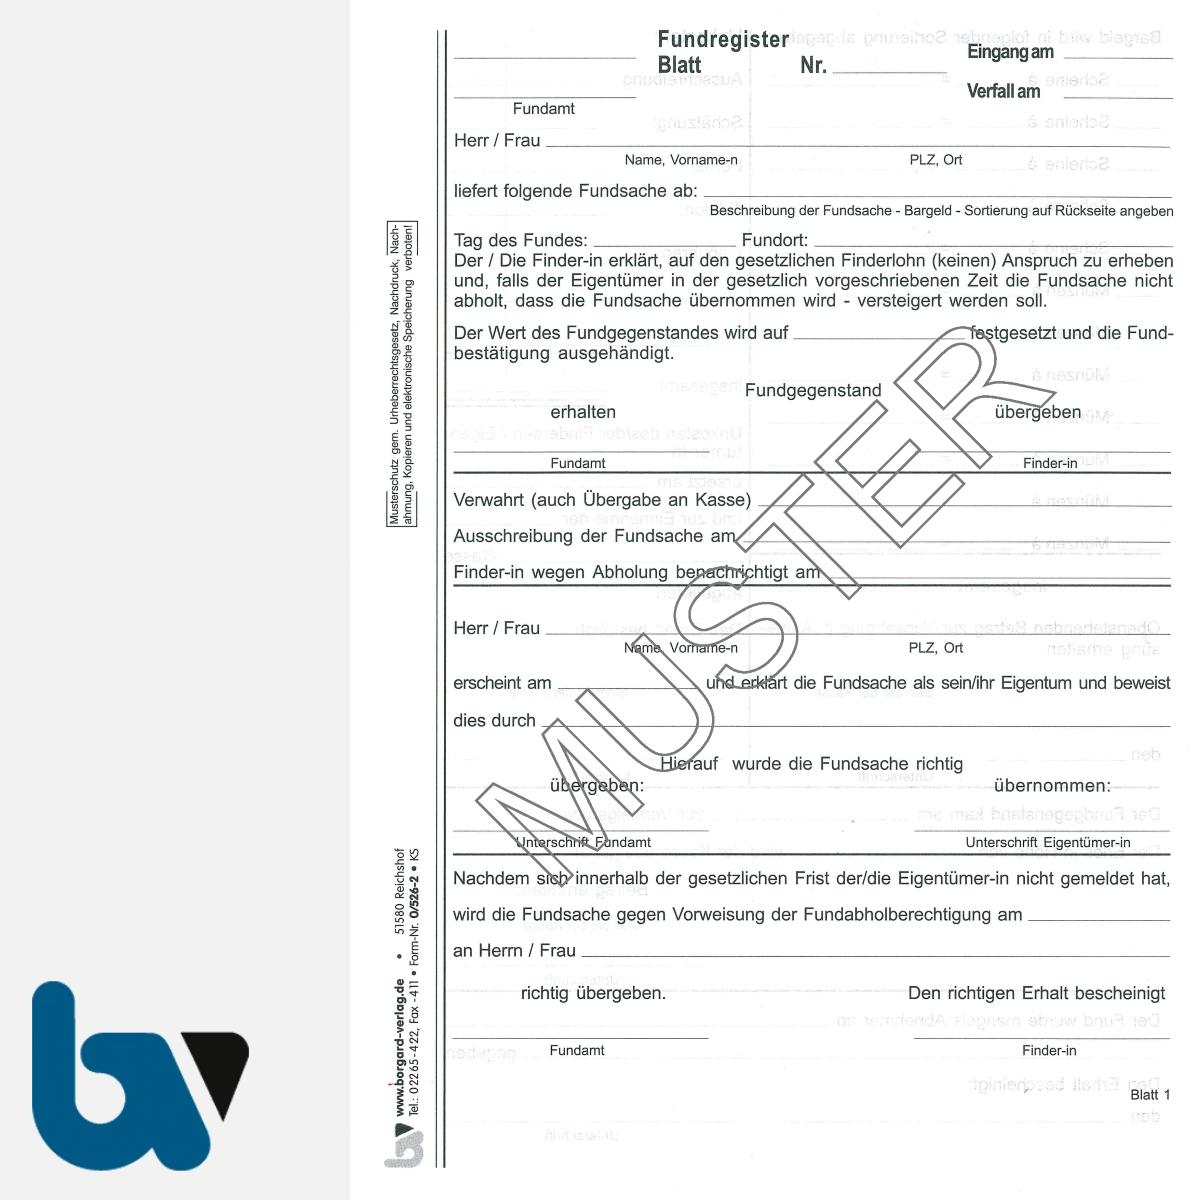 0/526-2 Fundanzeige Fundsache Finder Annahme Abholungsberechtigung Übergabebestätigung mit fundanhänger 5-fach selbstdurchschreibend DIN A5 Seite 1 | Borgard Verlag GmbH